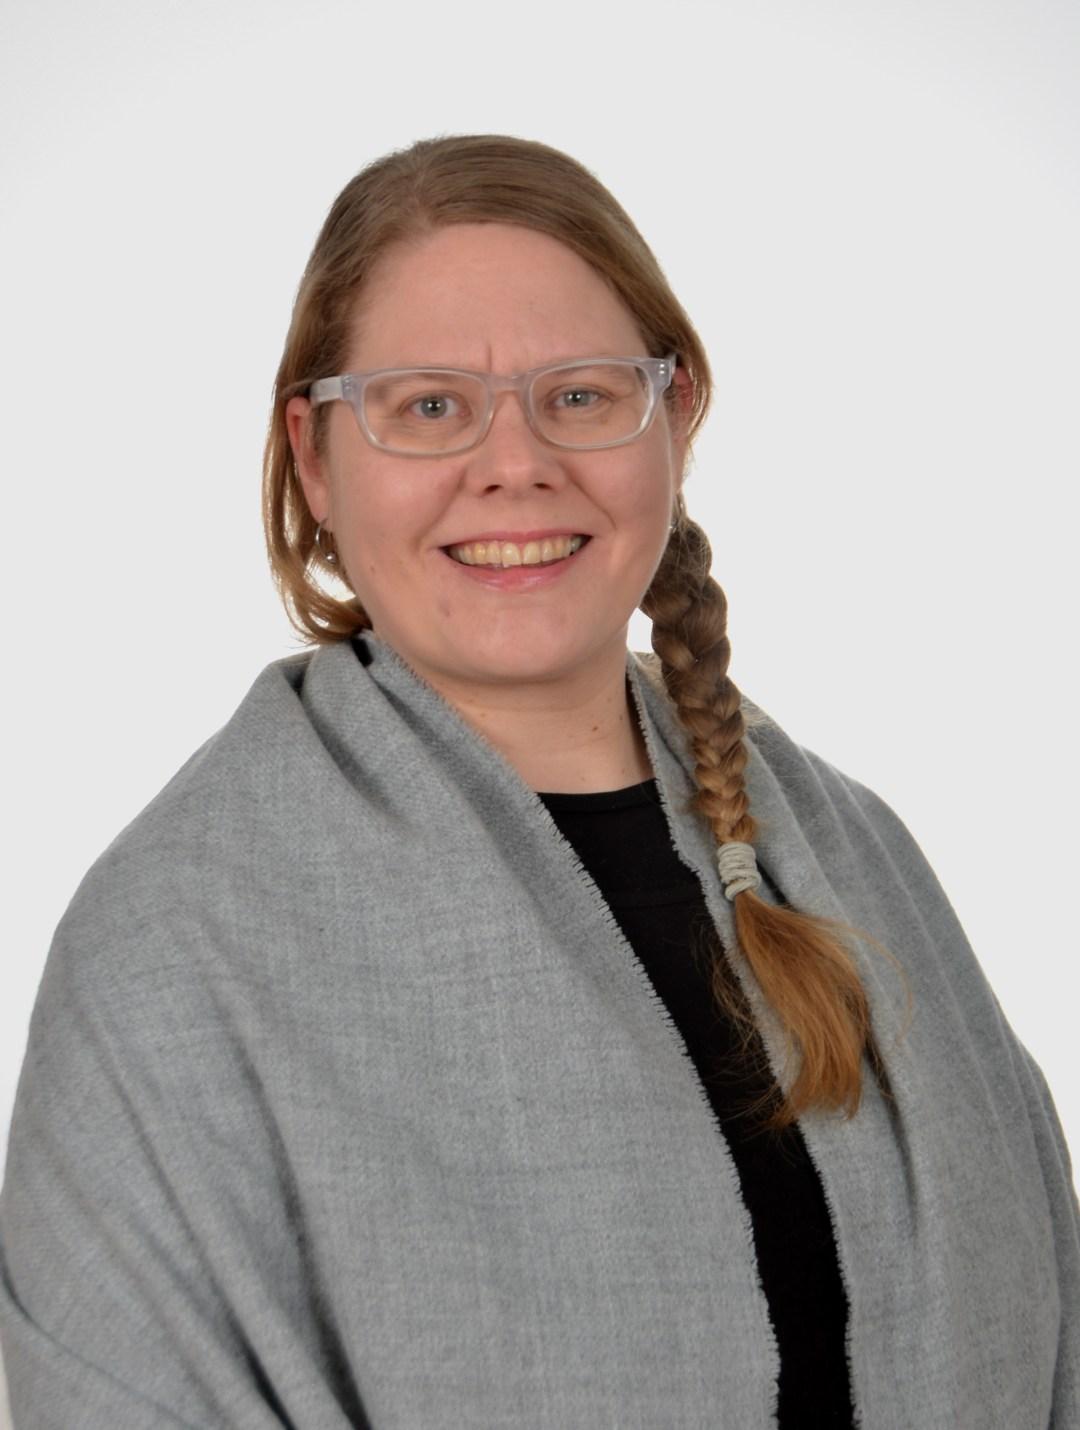 Elli Järvinen